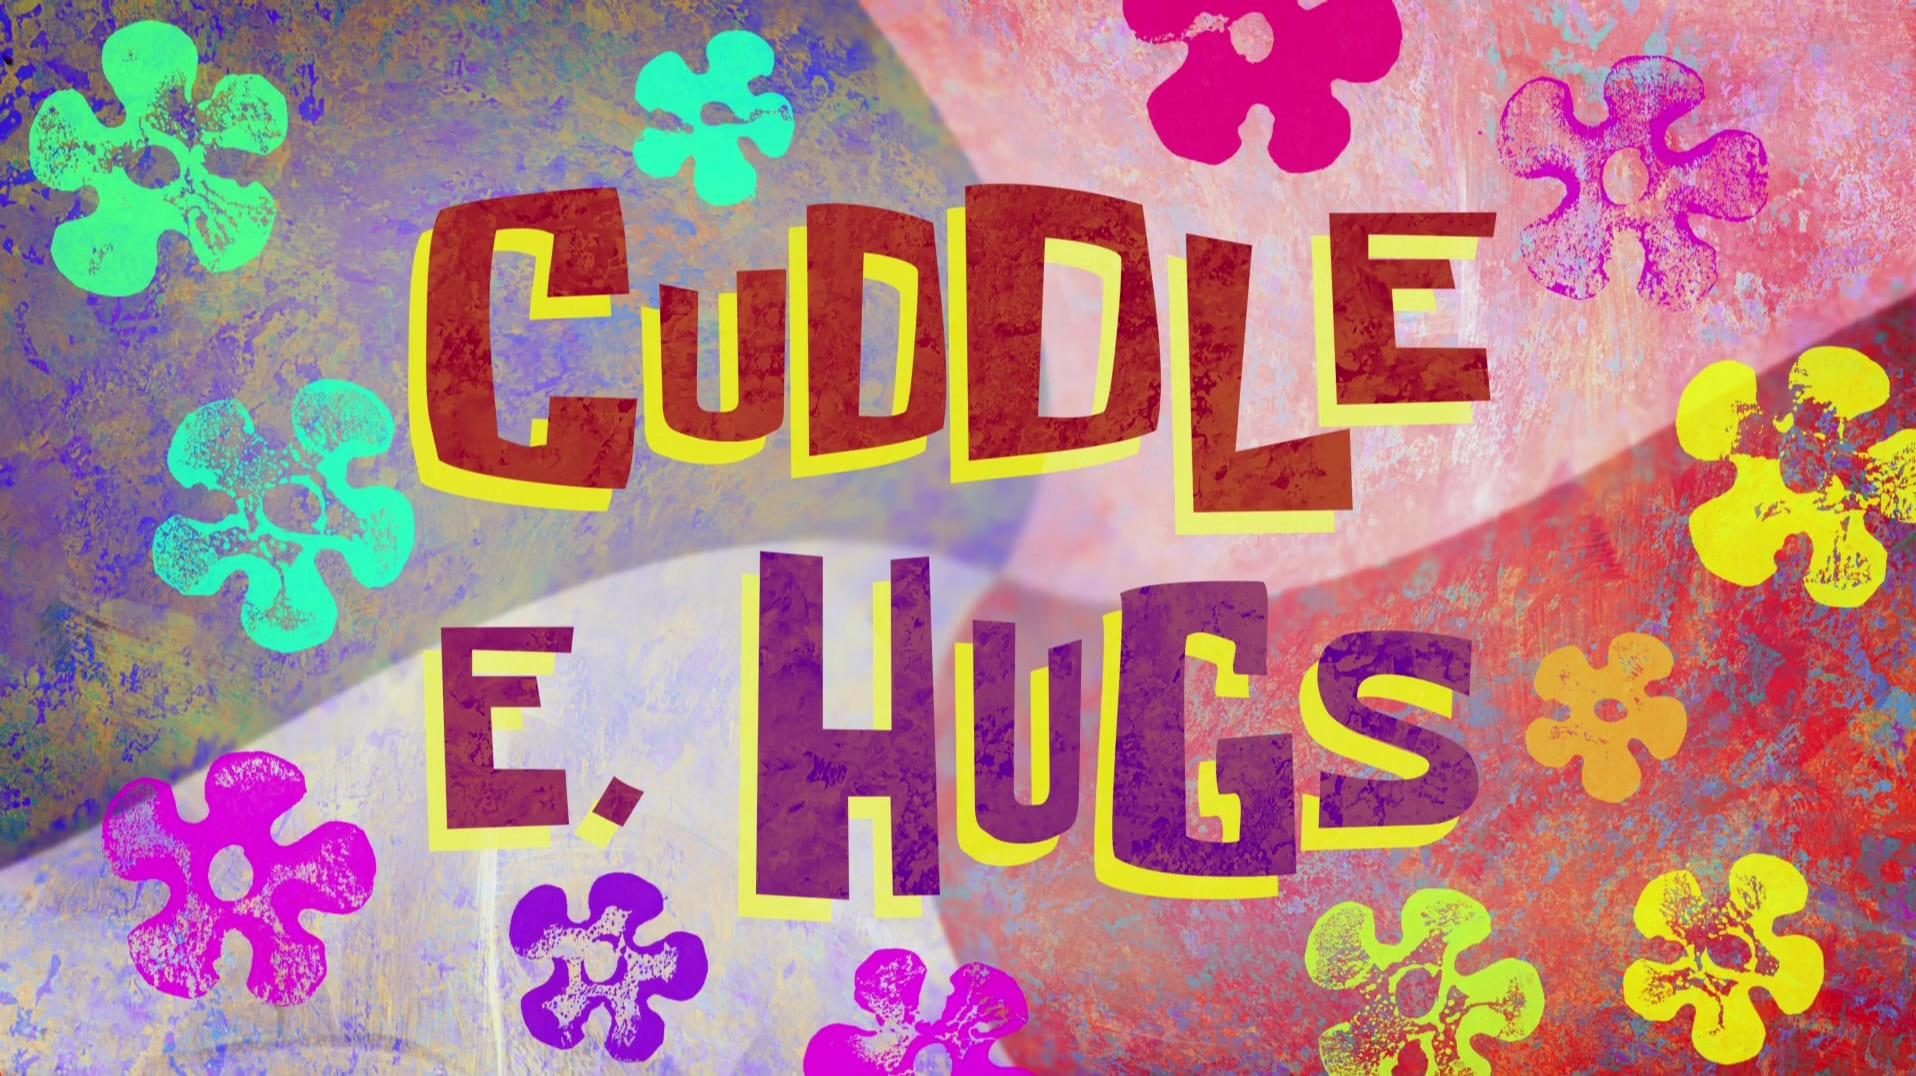 SpongeBob SquarePants - Season 11 Episode 18 : Cuddle E. Hugs